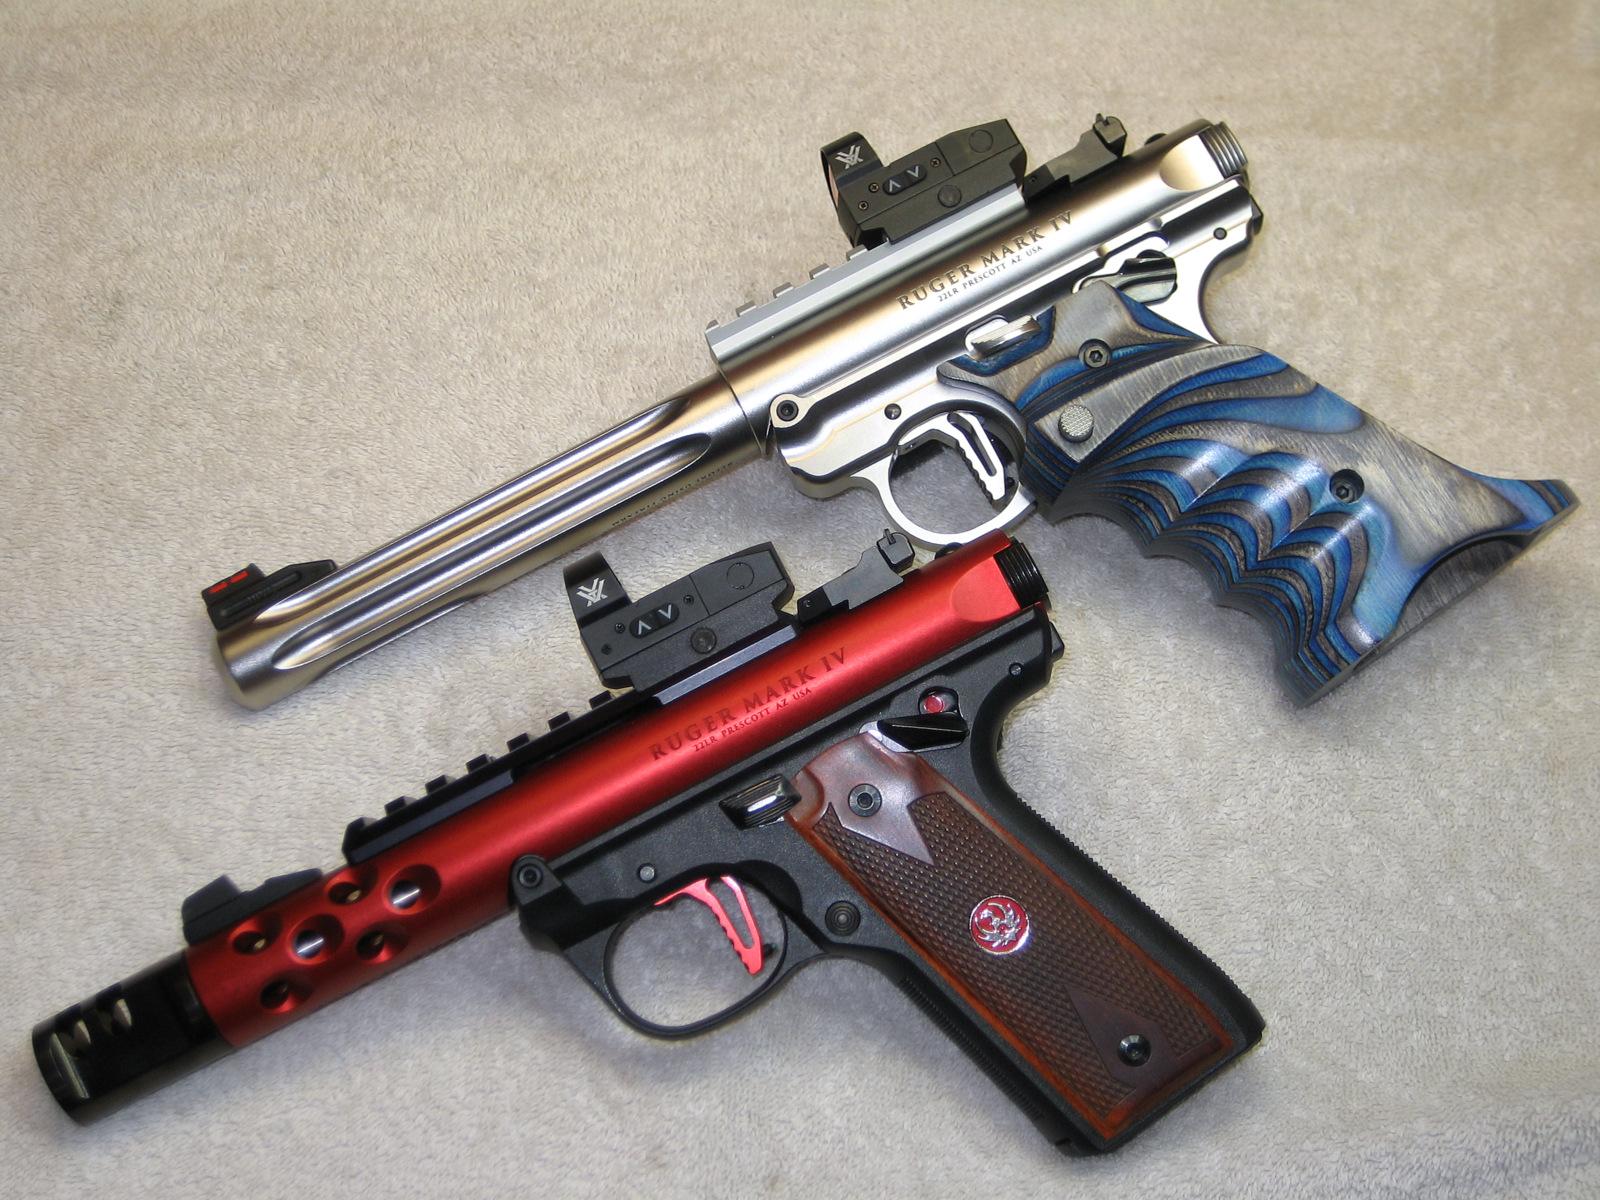 Upgratis end in sight!?!-ruger-accurized-mkiv-hunter-22-45-lite-1.jpg